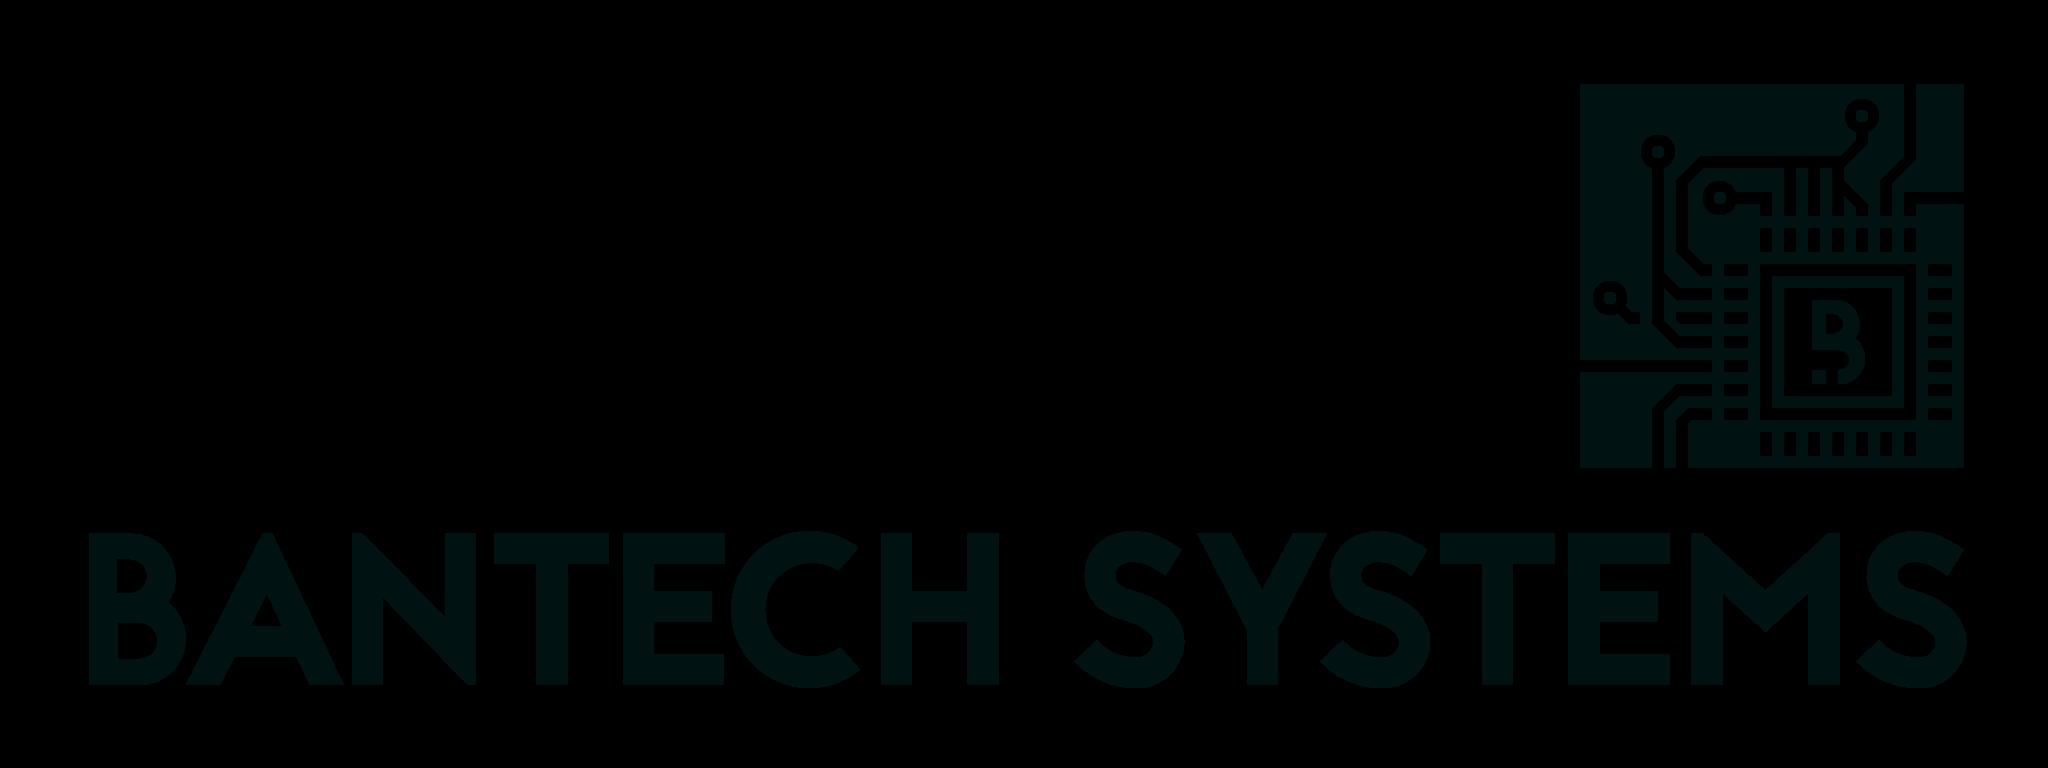 BanTech Systems Merch Store